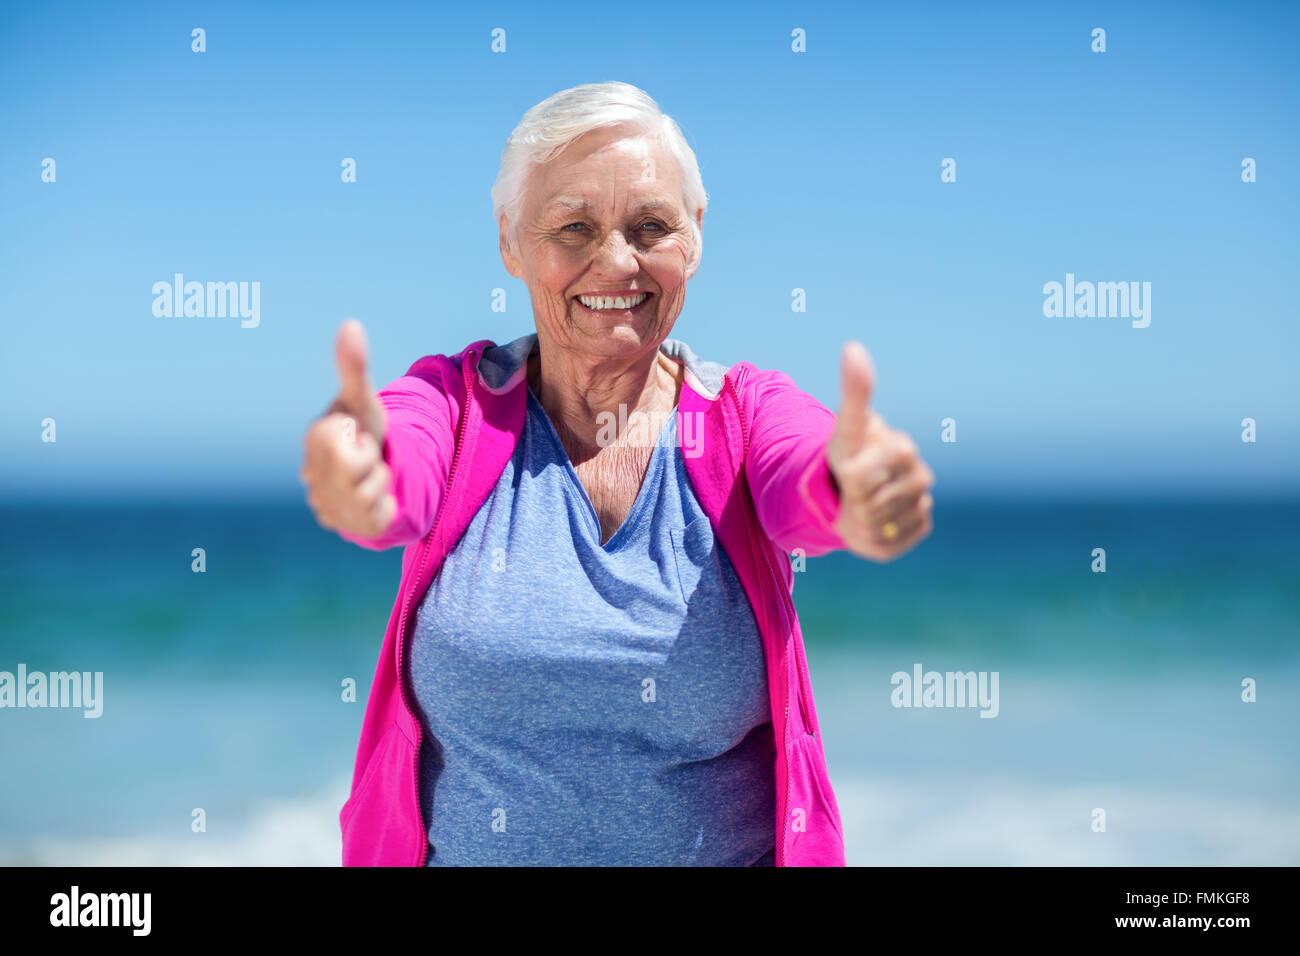 thumbs up woman senior stock photos & thumbs up woman senior stock